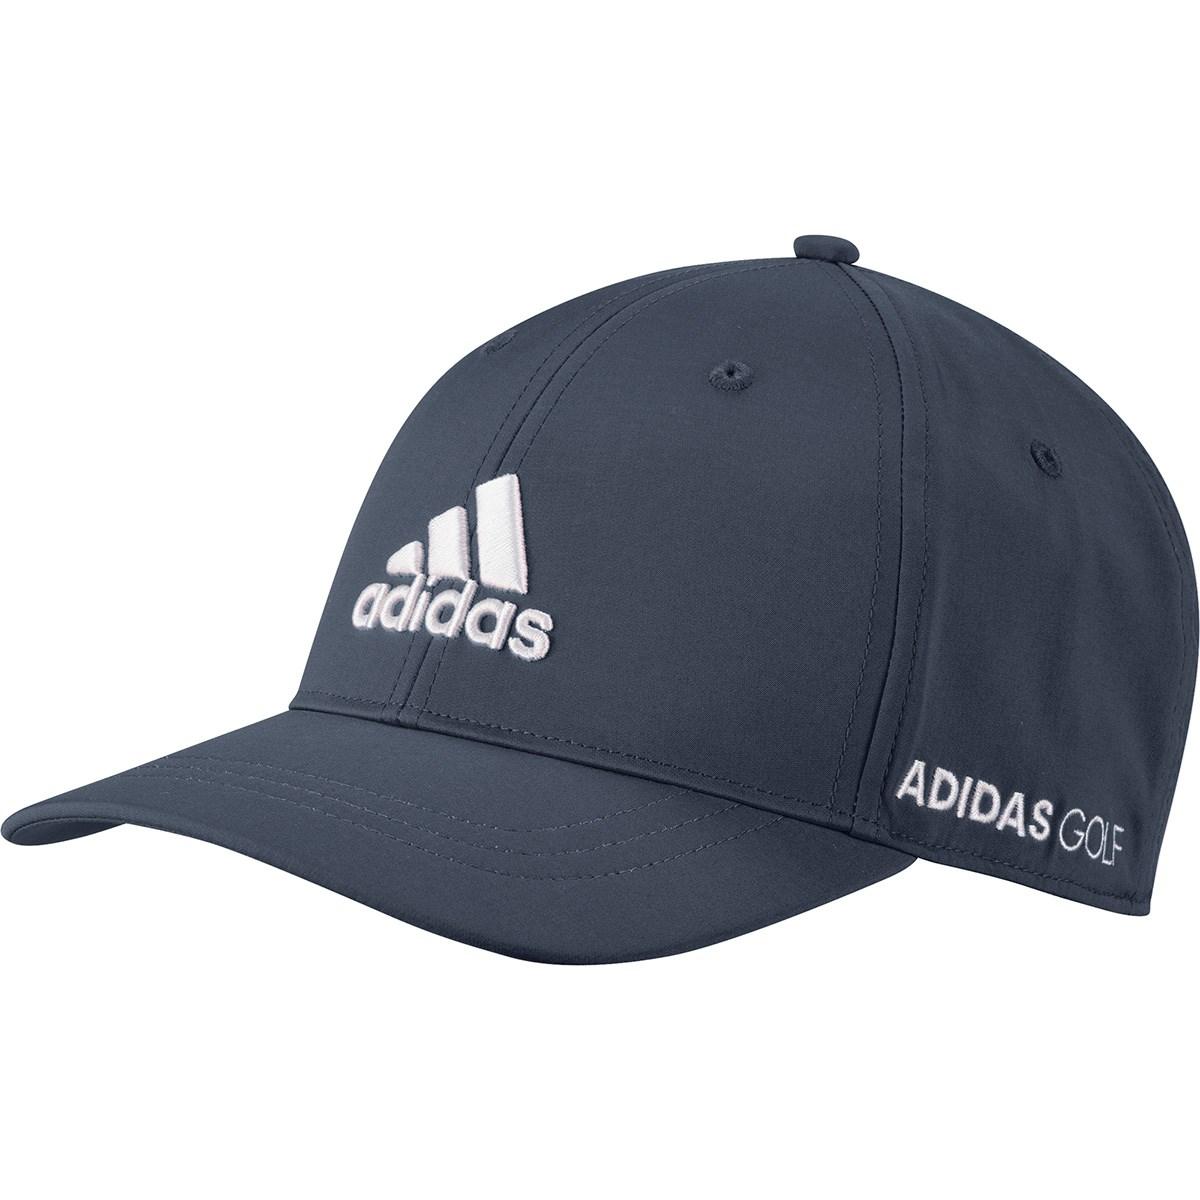 アディダス Adidas ツアーキャップ OSFX カレッジネイビー